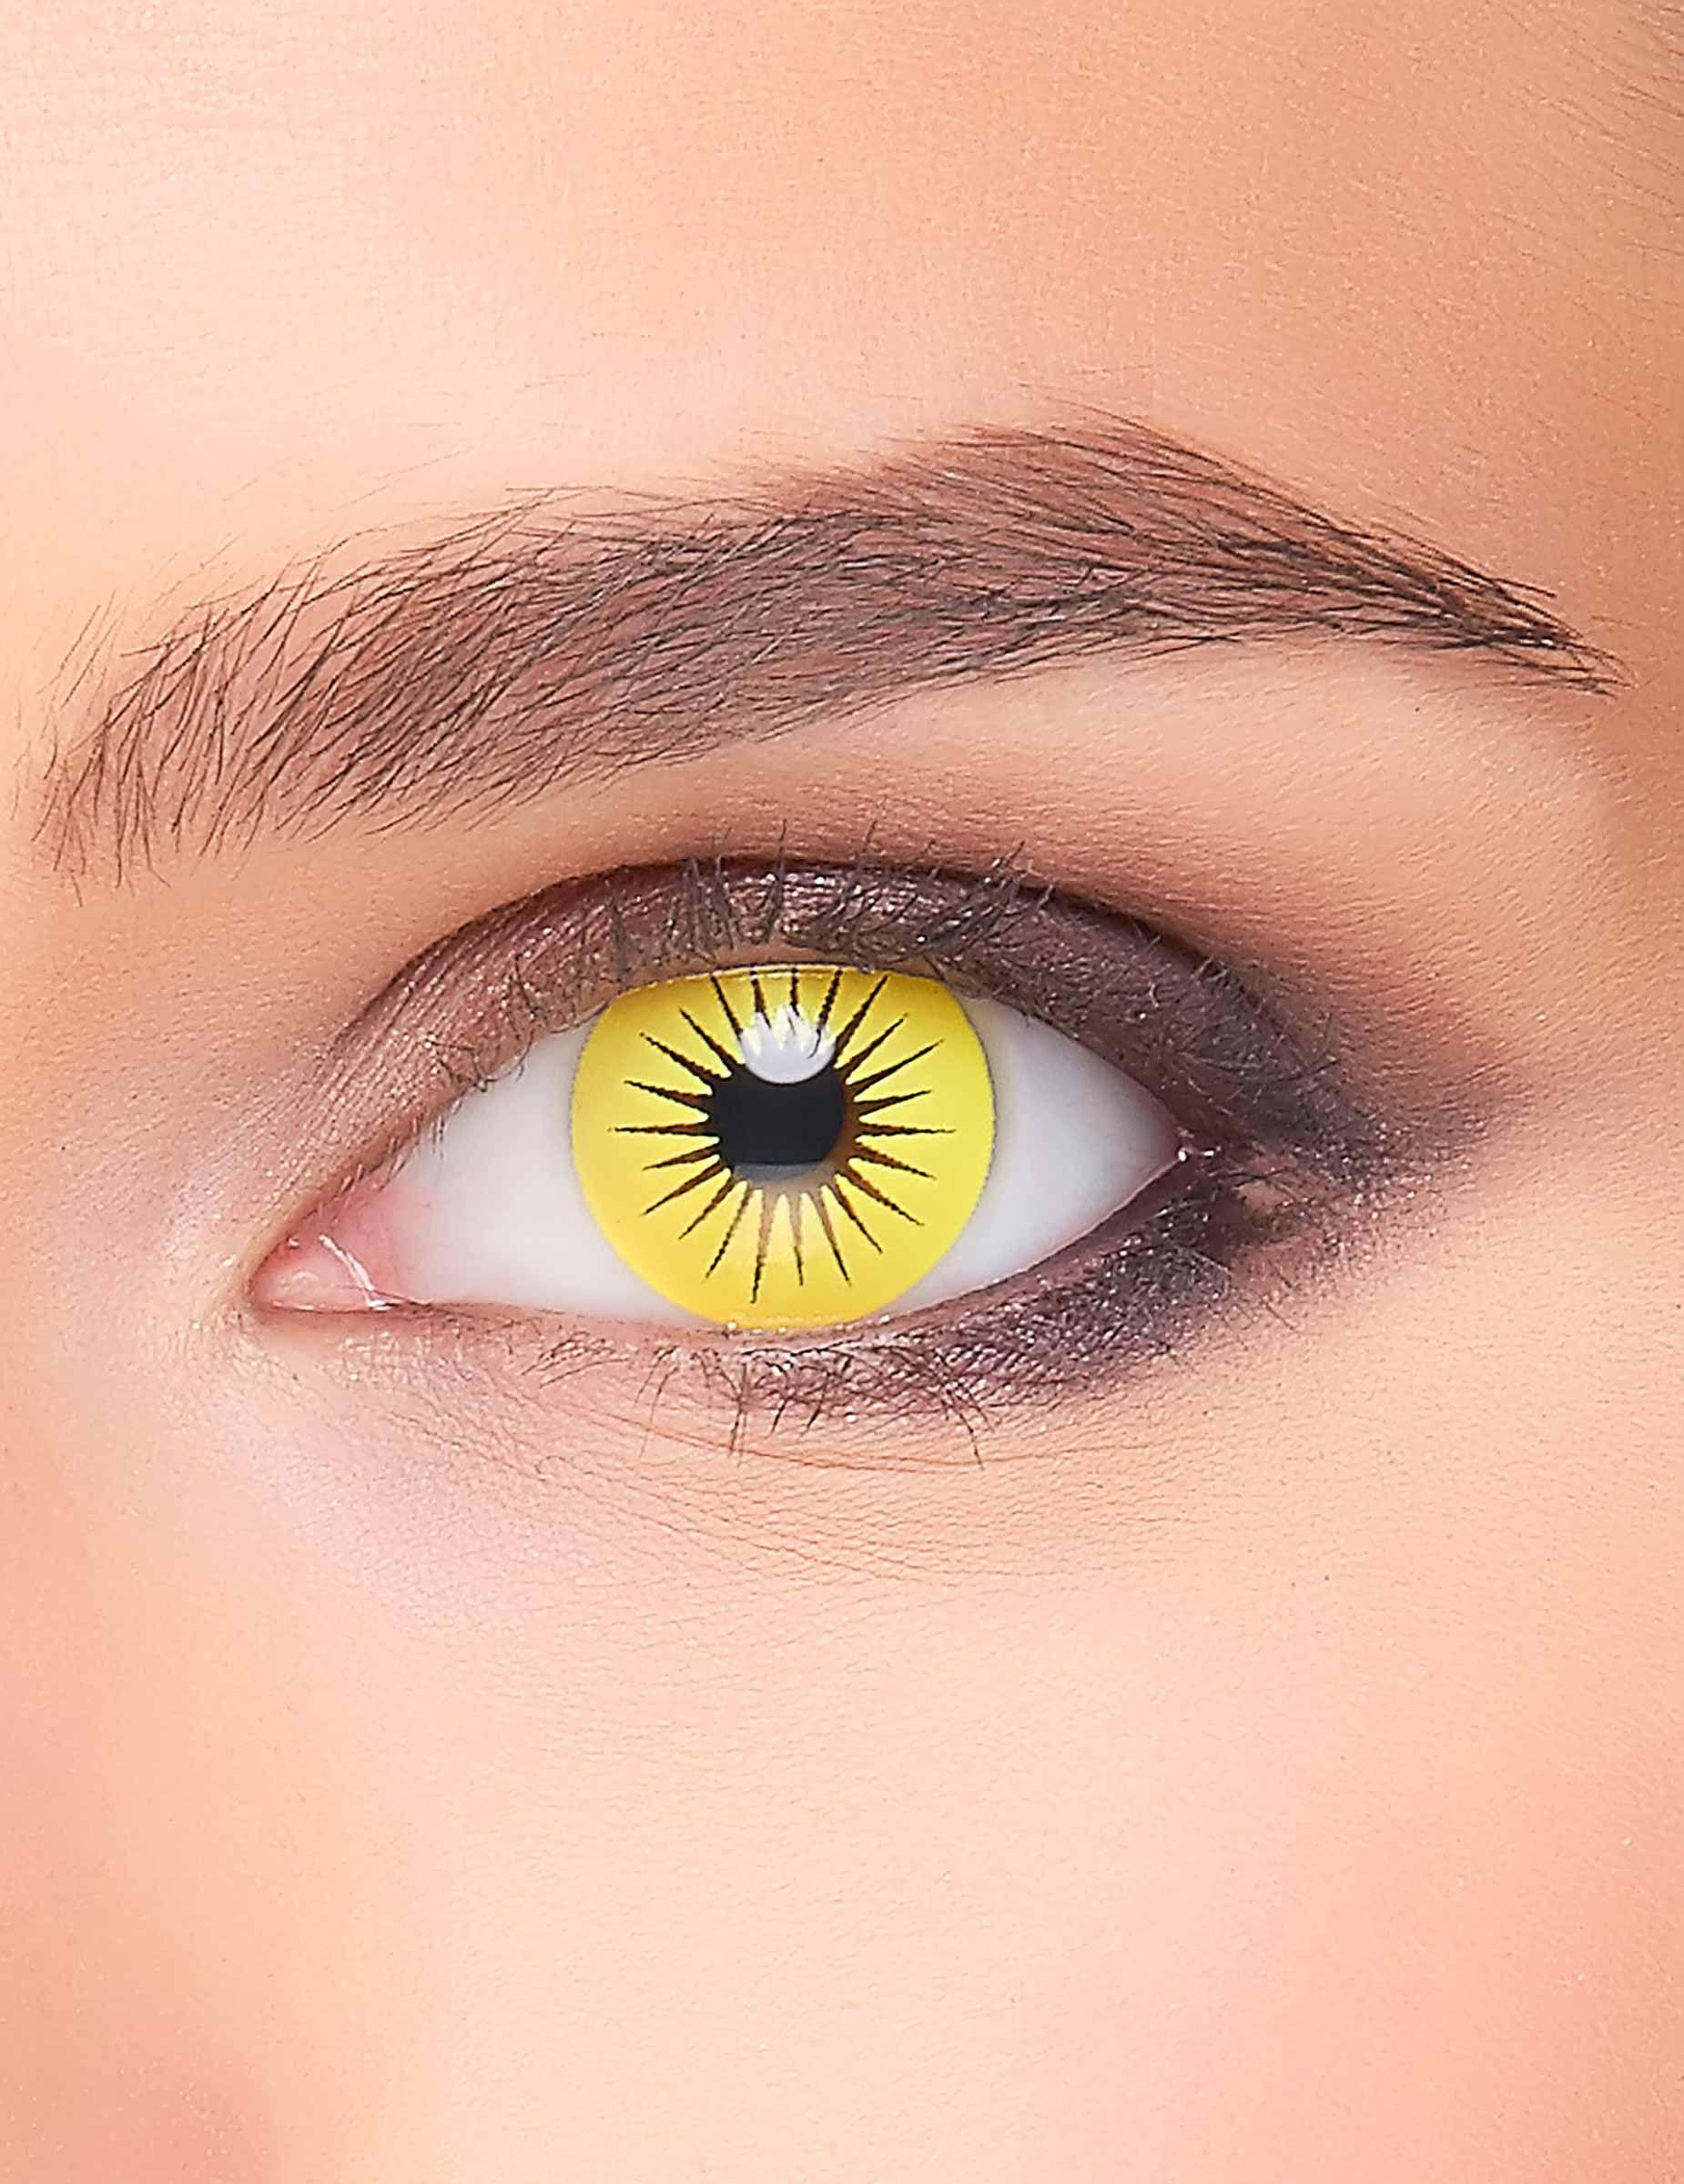 efd913ff34 Lentillas fantasía estrella amarillo adulto: Estos lentes de contacto  fantasía son para adulto. Son